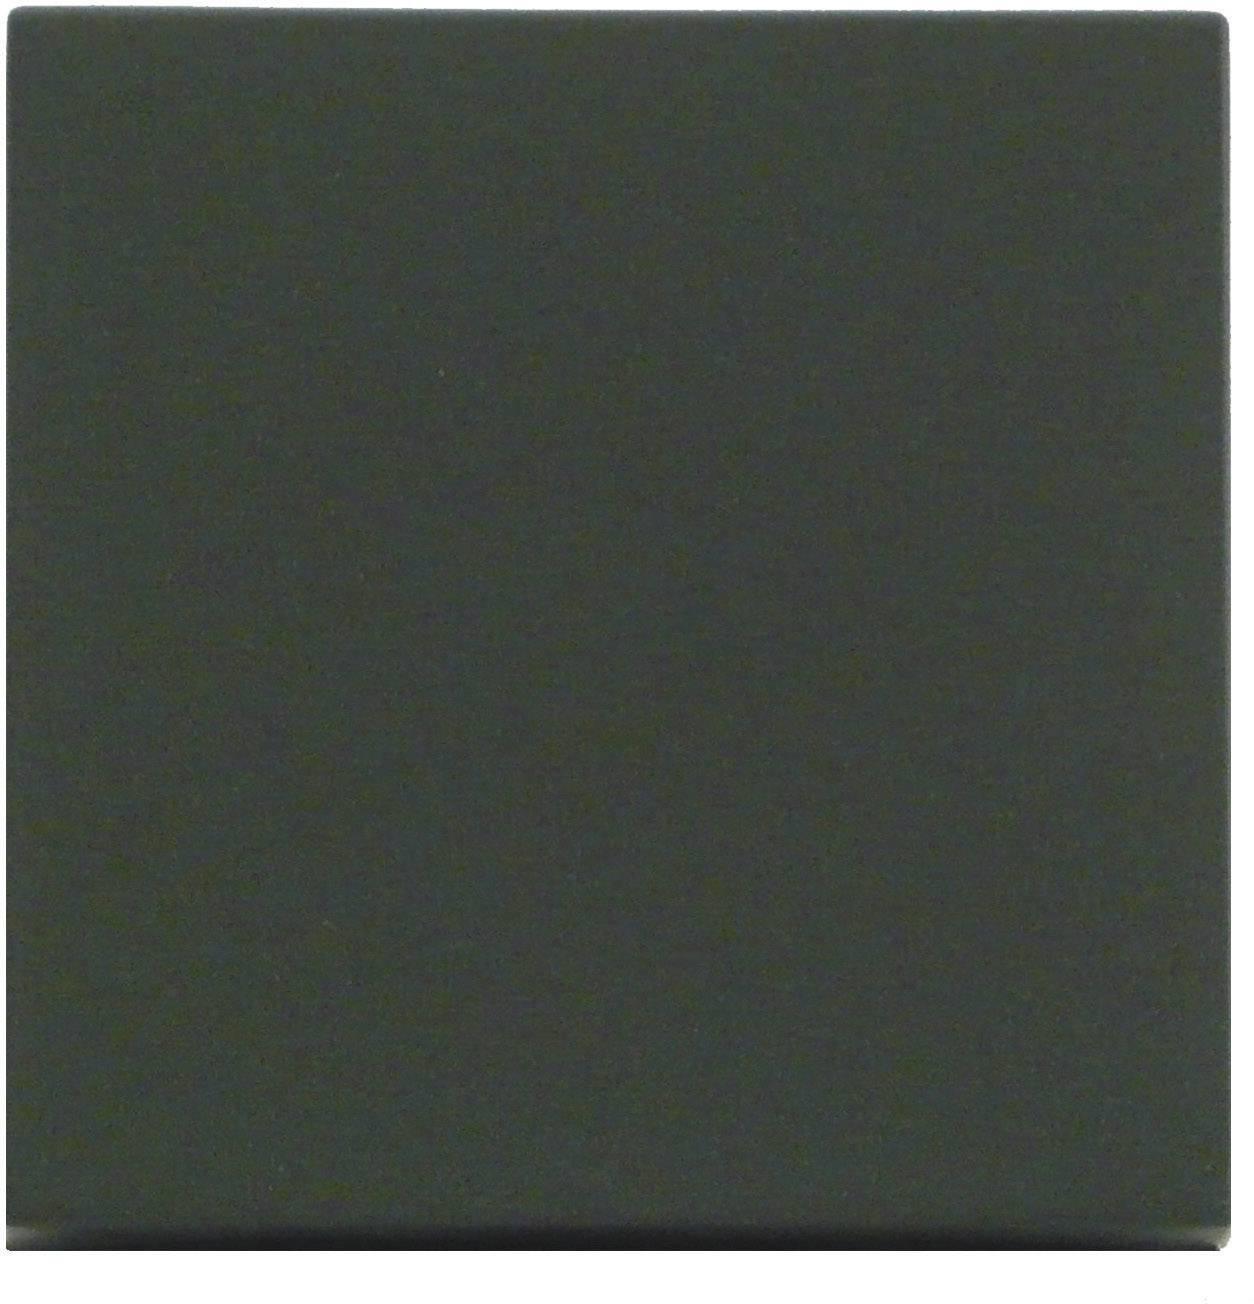 Krytka stmívače Gira SYS2000, standard 55, antracit (231628)